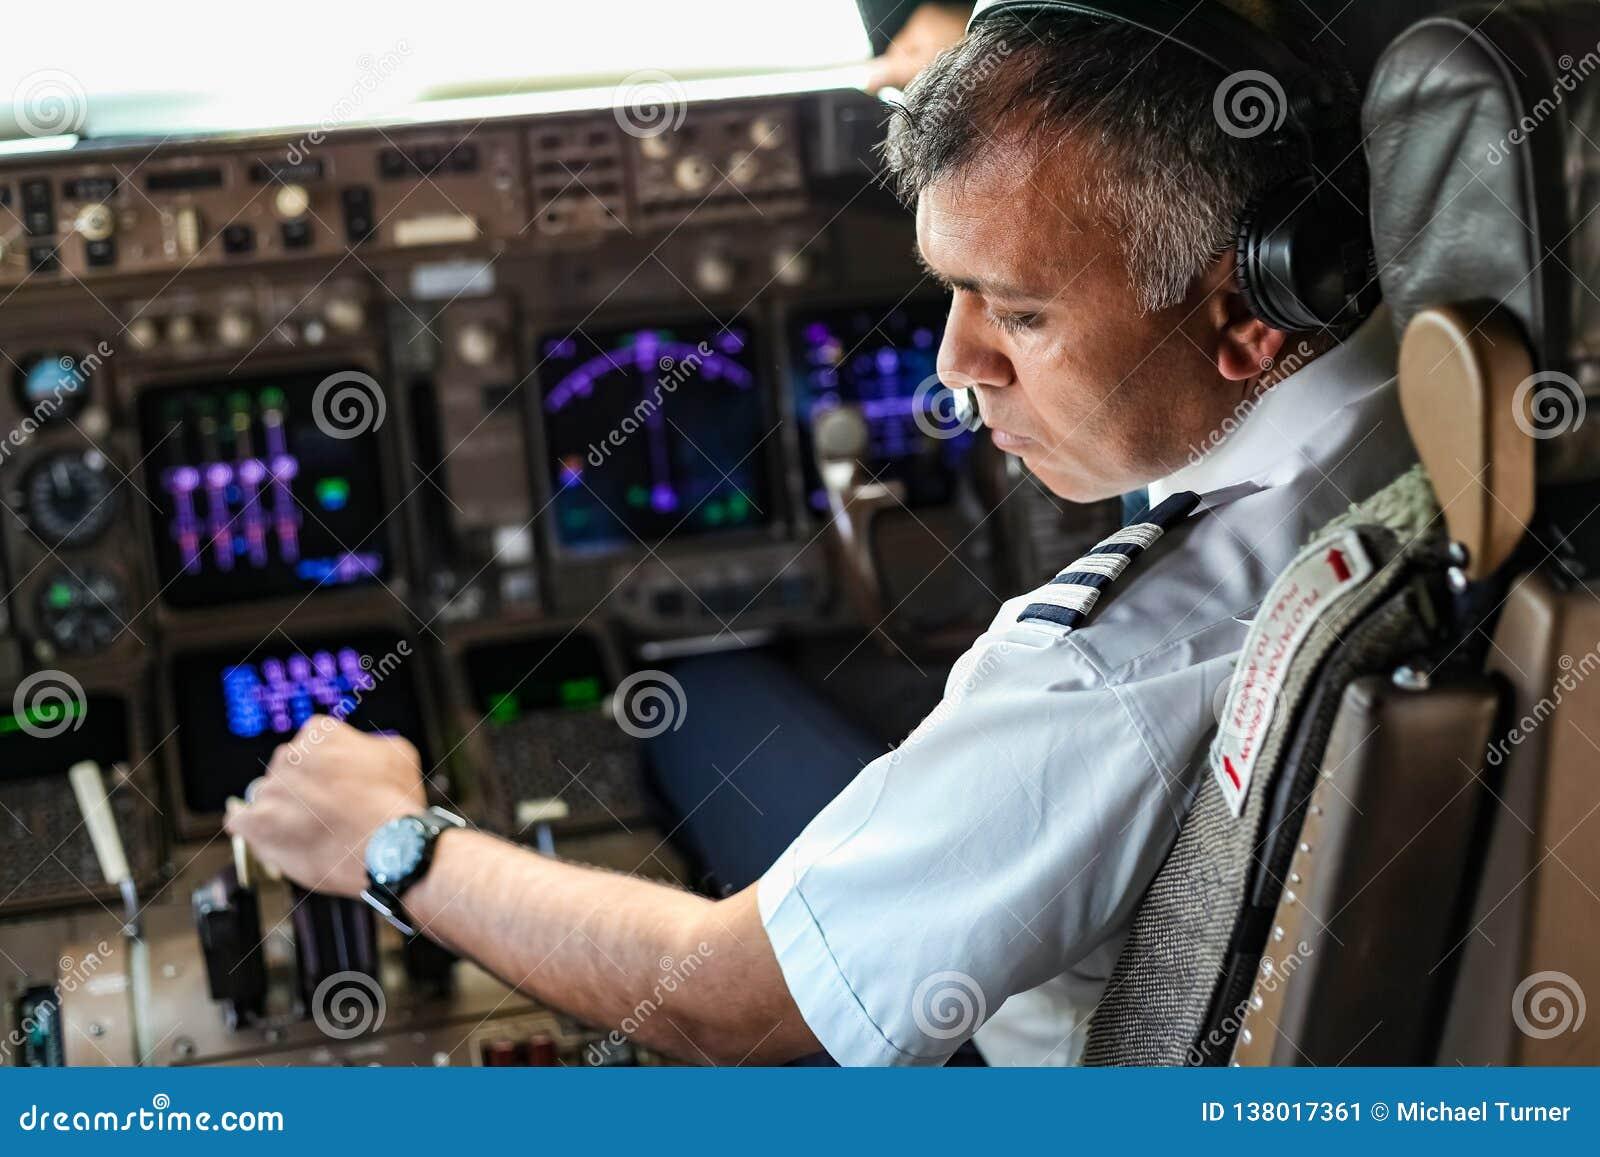 Sobre o ombro de um piloto indiano em uma cabina do piloto enorme